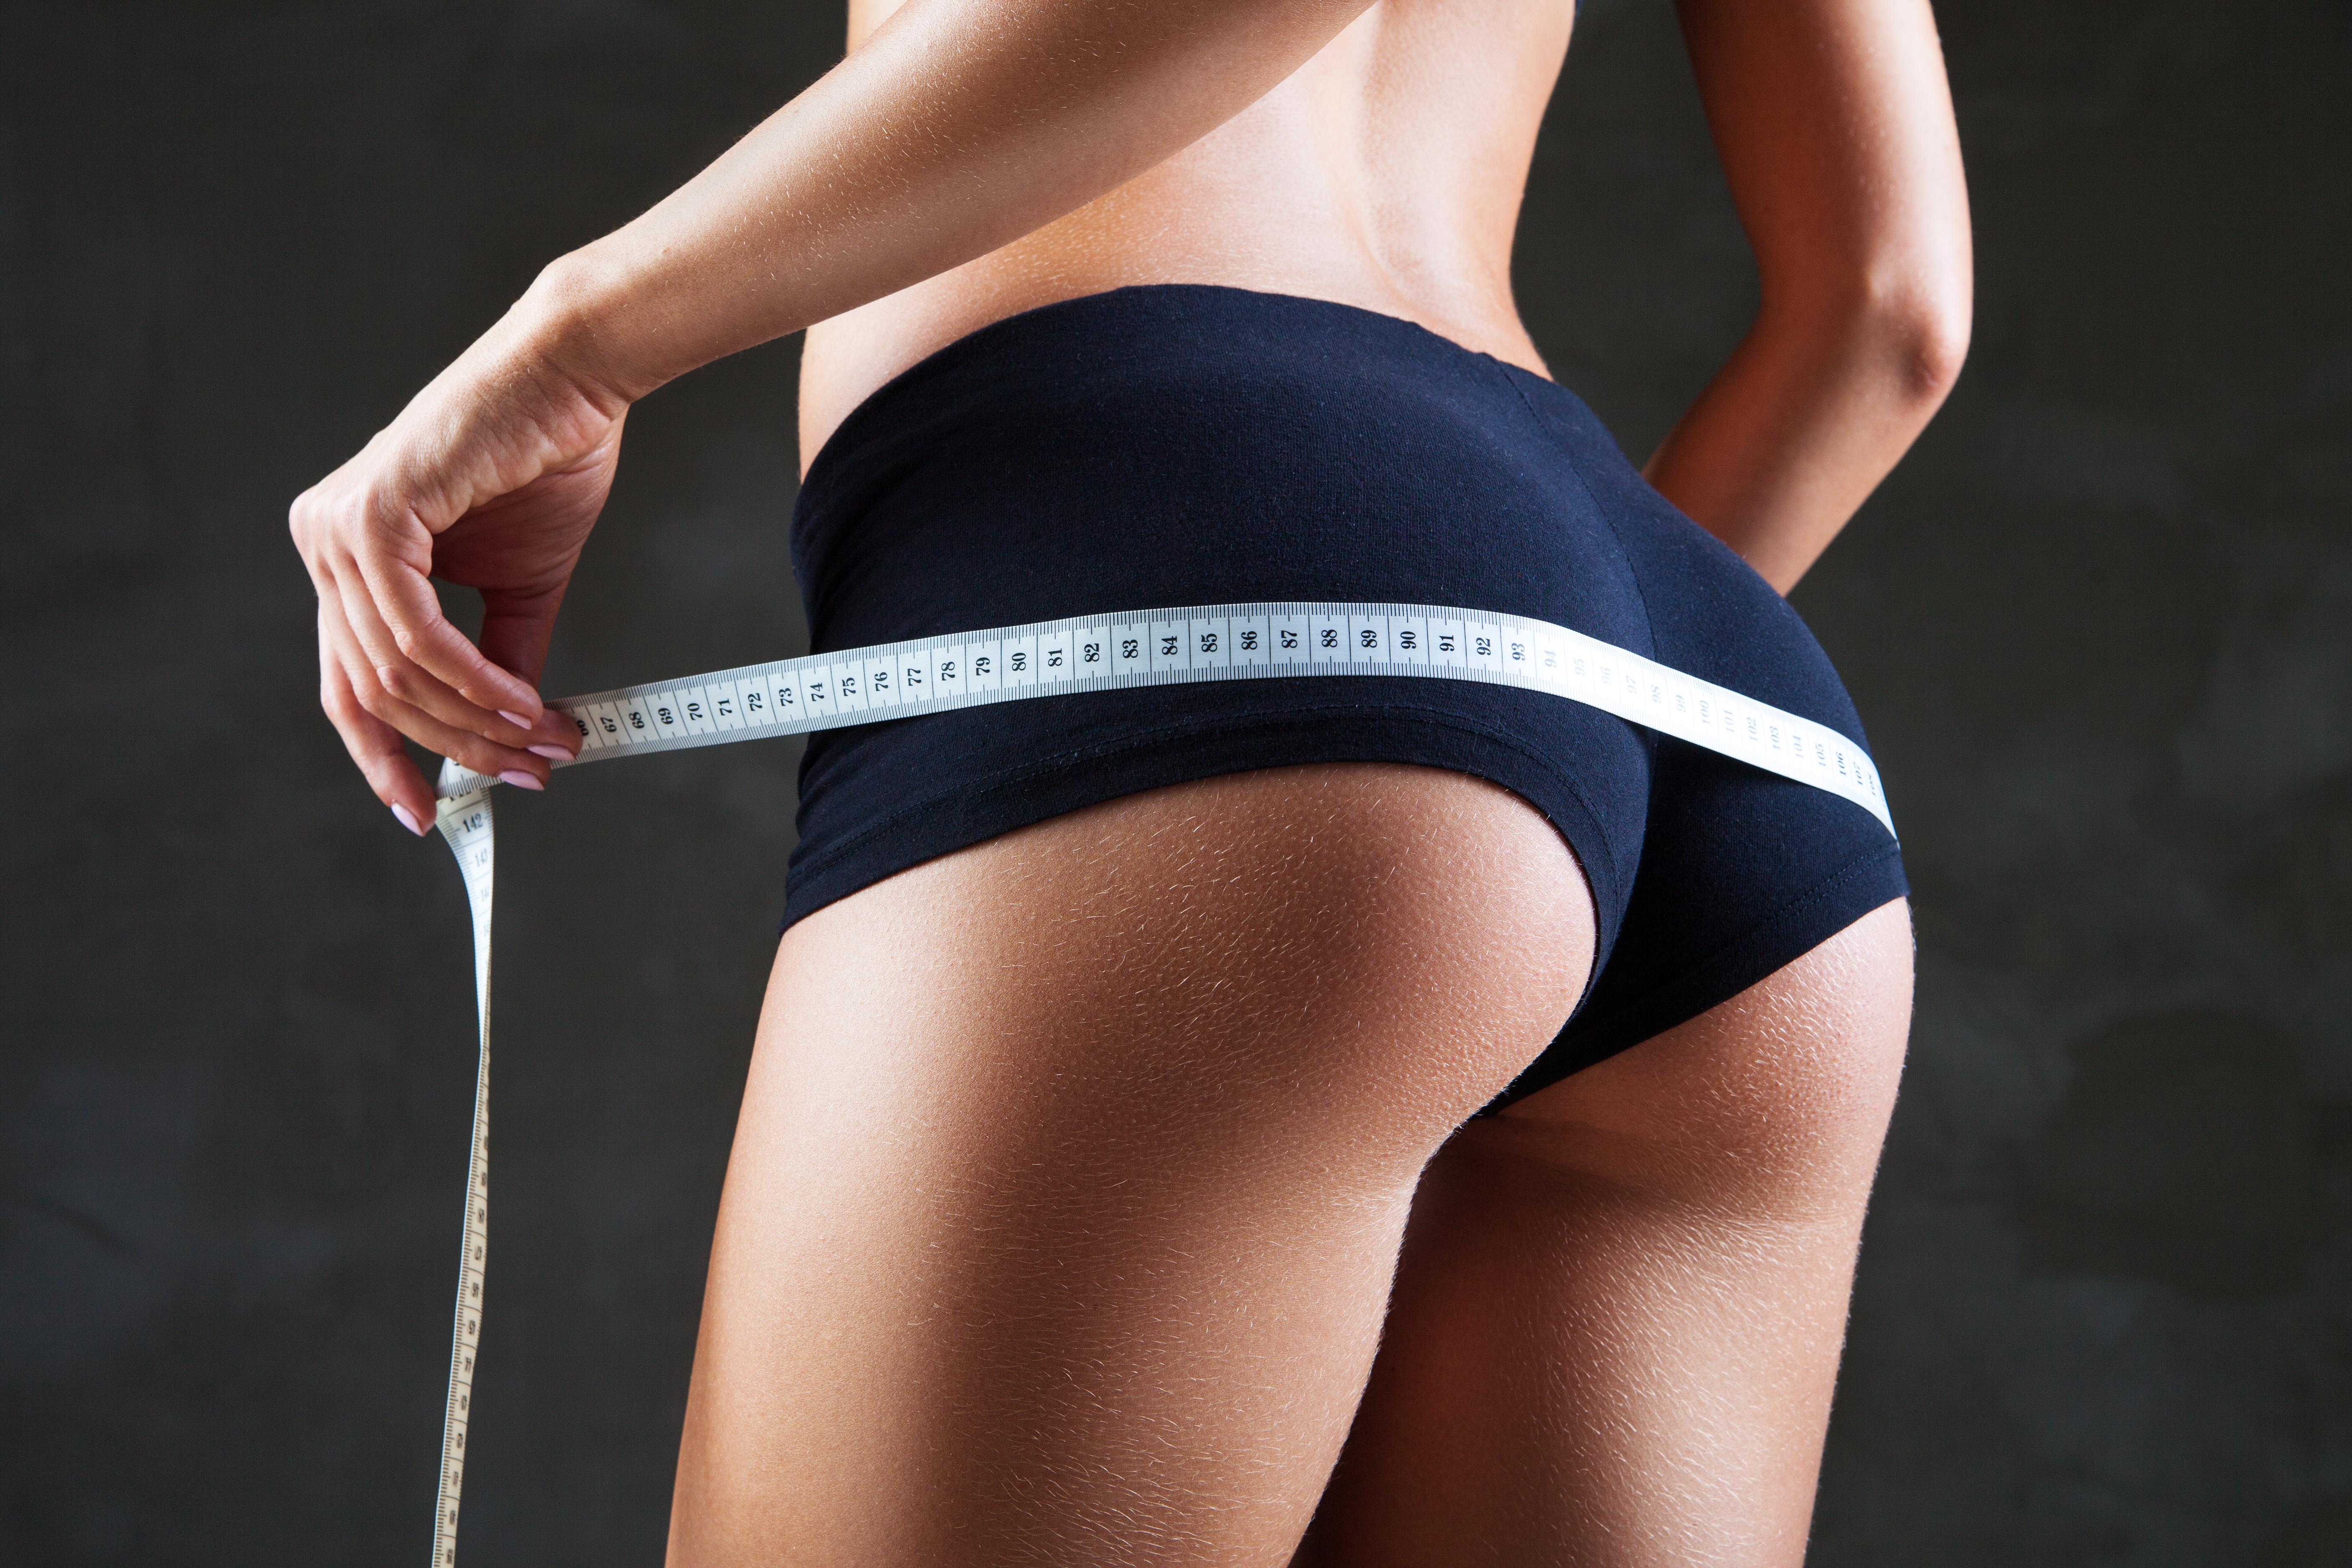 ヒップを測る女性